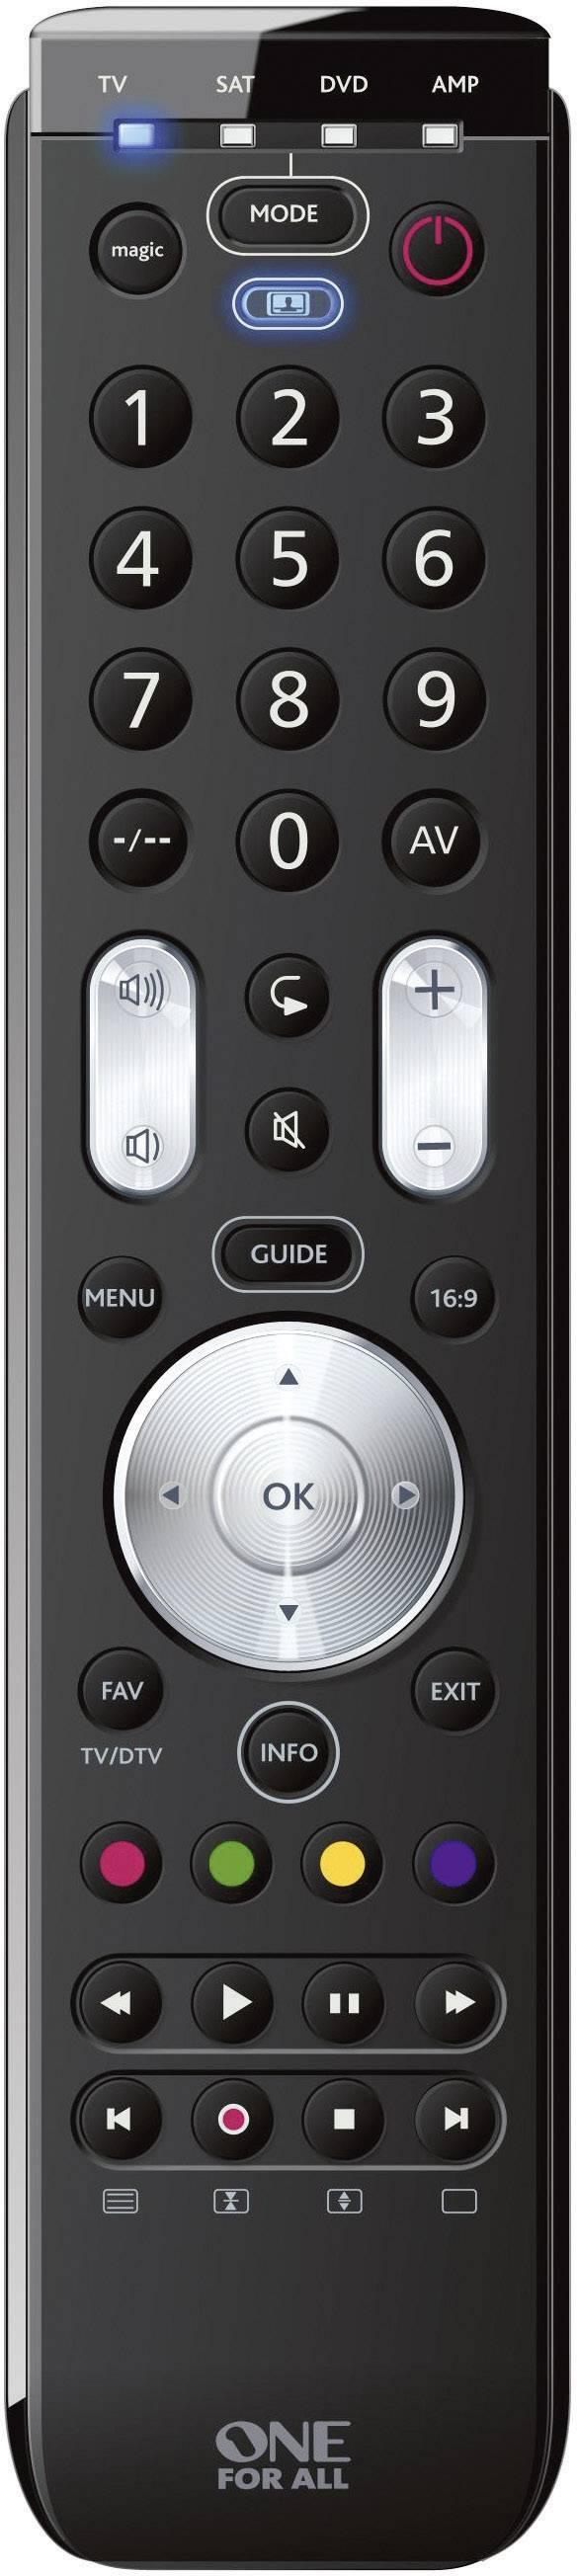 Univerzálne diaľkové ovládanie na TV, Set-top-Box, DVD, BluRay One For All URC 7140 Essence 4 čierna